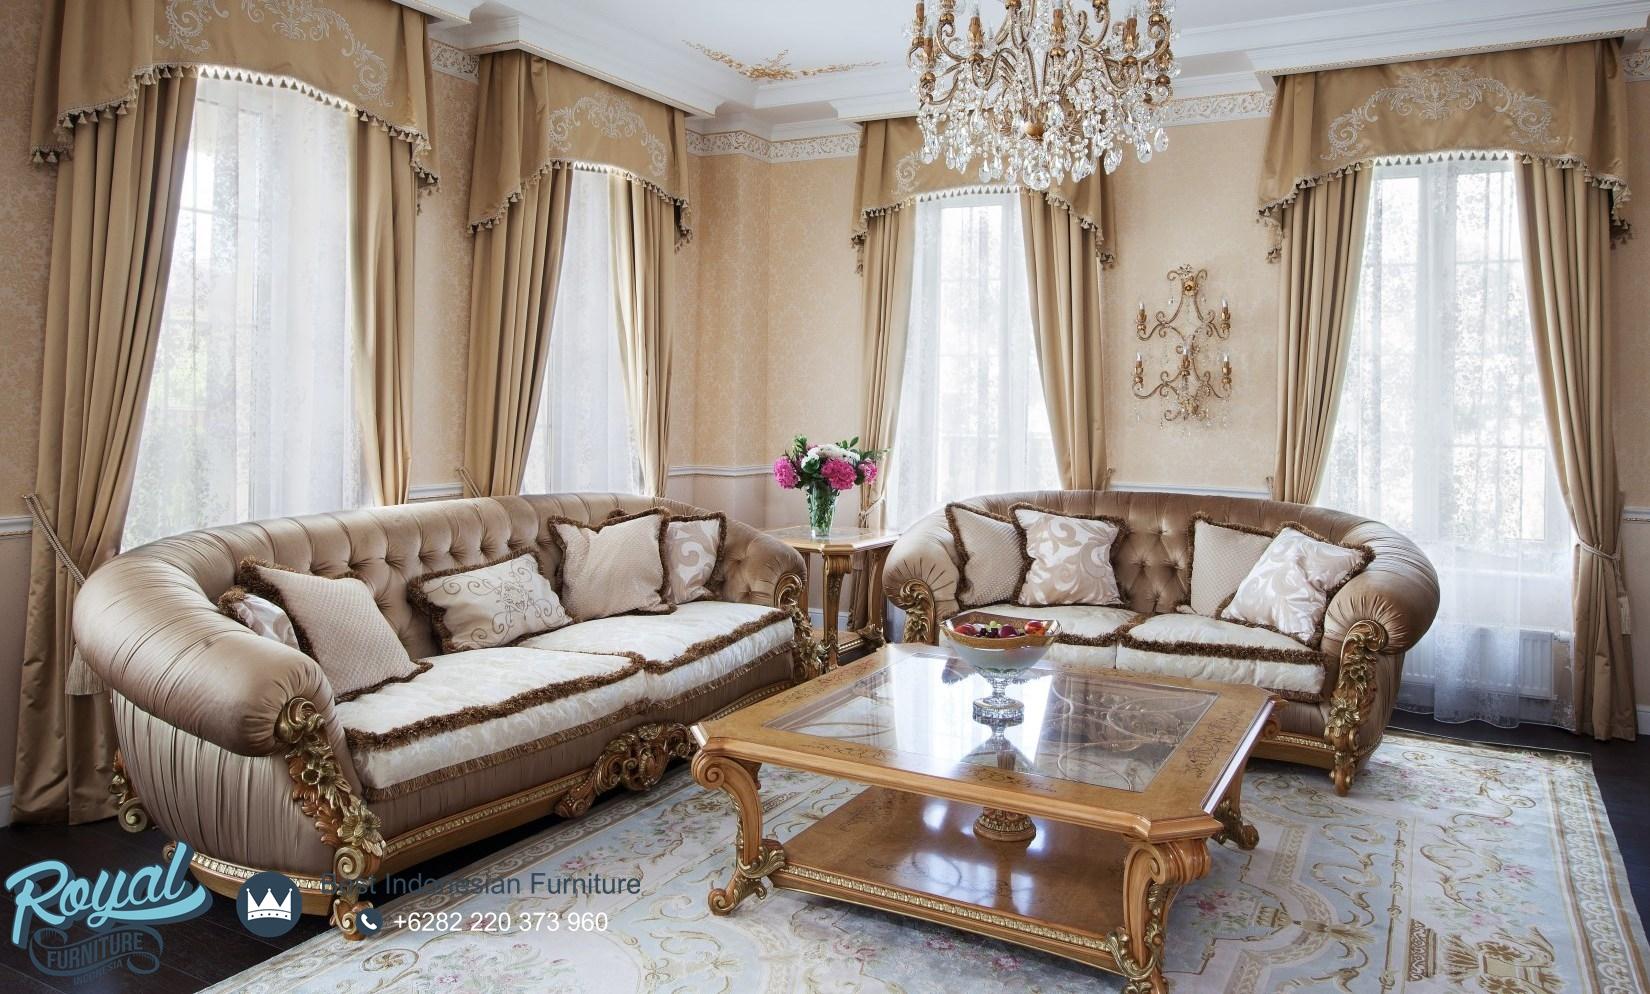 Sofa Tamu Jati Klasik Ukiran Jepara Classico European, sofa ukiran jepara, harga kursi sofa jepara, kursi tamu sofa jepara, sofa tamu klasik minimalis, sofa tamu klasik modern, sofa tamu klasik mewah, harga sofa klasik modern, sofa ruang tamu mewah modern, harga sofa tamu tamu jati jepara, sofa mewah minimalis, sofa tamu jepara terbaru 2020, sofa tamu kayu jati ukir, sofa tamu mewah terbaru, sofa tamu mewah klasik, sofa tamu mewah ukiran, sofa tamu mewah asli jepara, sofa ruang tamu mewah modern, kursi sofa tamu mewah, model sofa tamu modern warna putih, desain sofa ruang tamu klasik minimalis, sofa tamu mewah terbaru, sofa tamu mewah kulit asli, sofa jati terbaru, sofa jati jepara terbaru, sofa jati klasik, sofa tamu klasik eropa jati, gambar kursi tamu mewah terbaik, mebel jepara, furniture jepara, royal furniture